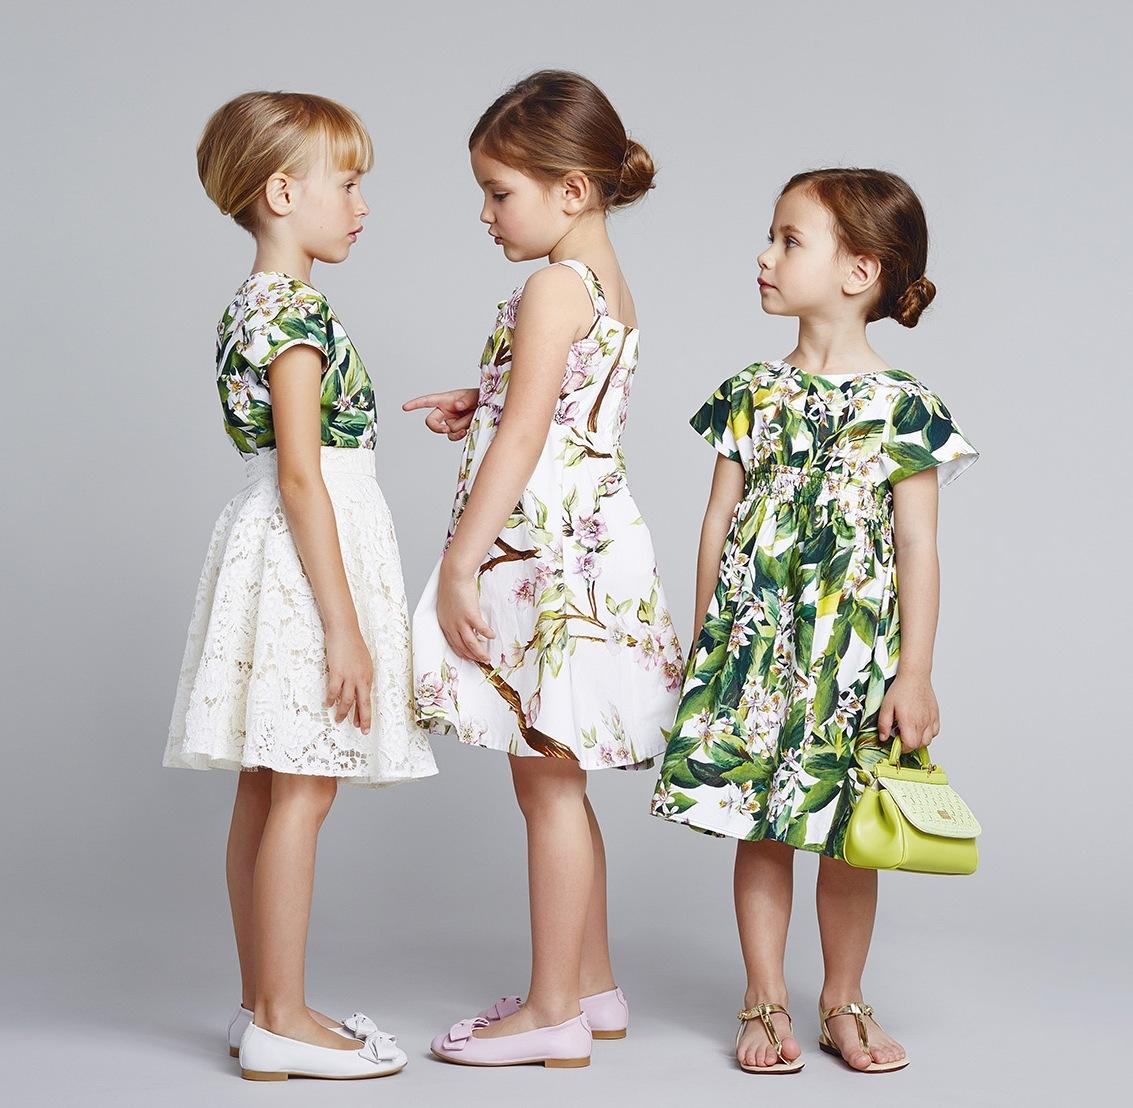 Картинки о детской моде